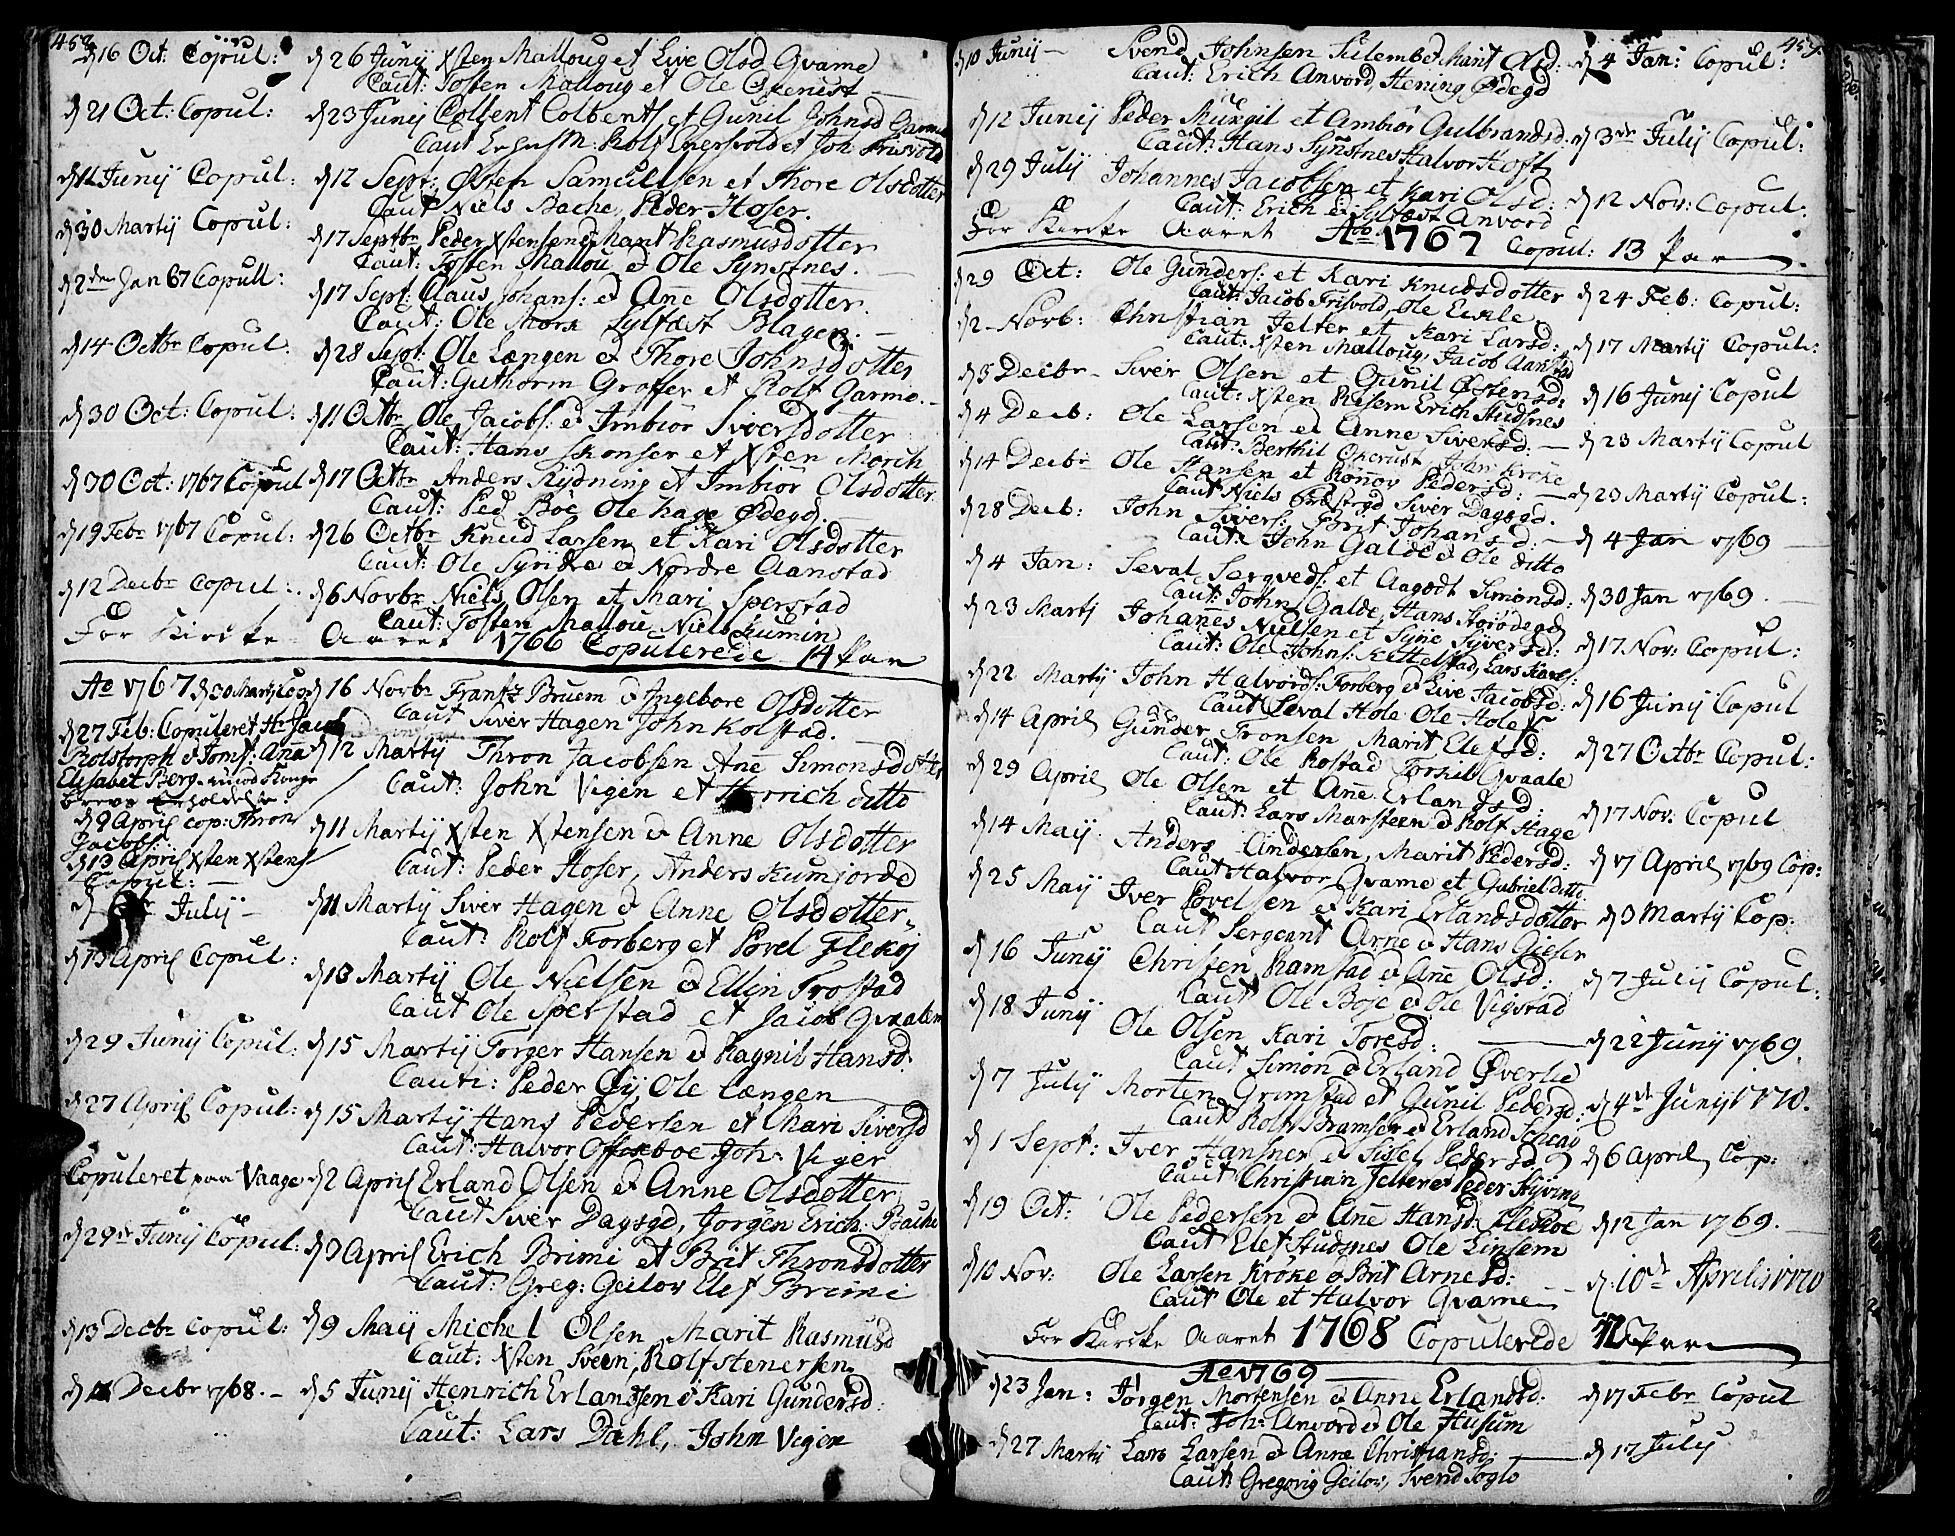 SAH, Lom prestekontor, K/L0002: Ministerialbok nr. 2, 1749-1801, s. 458-459